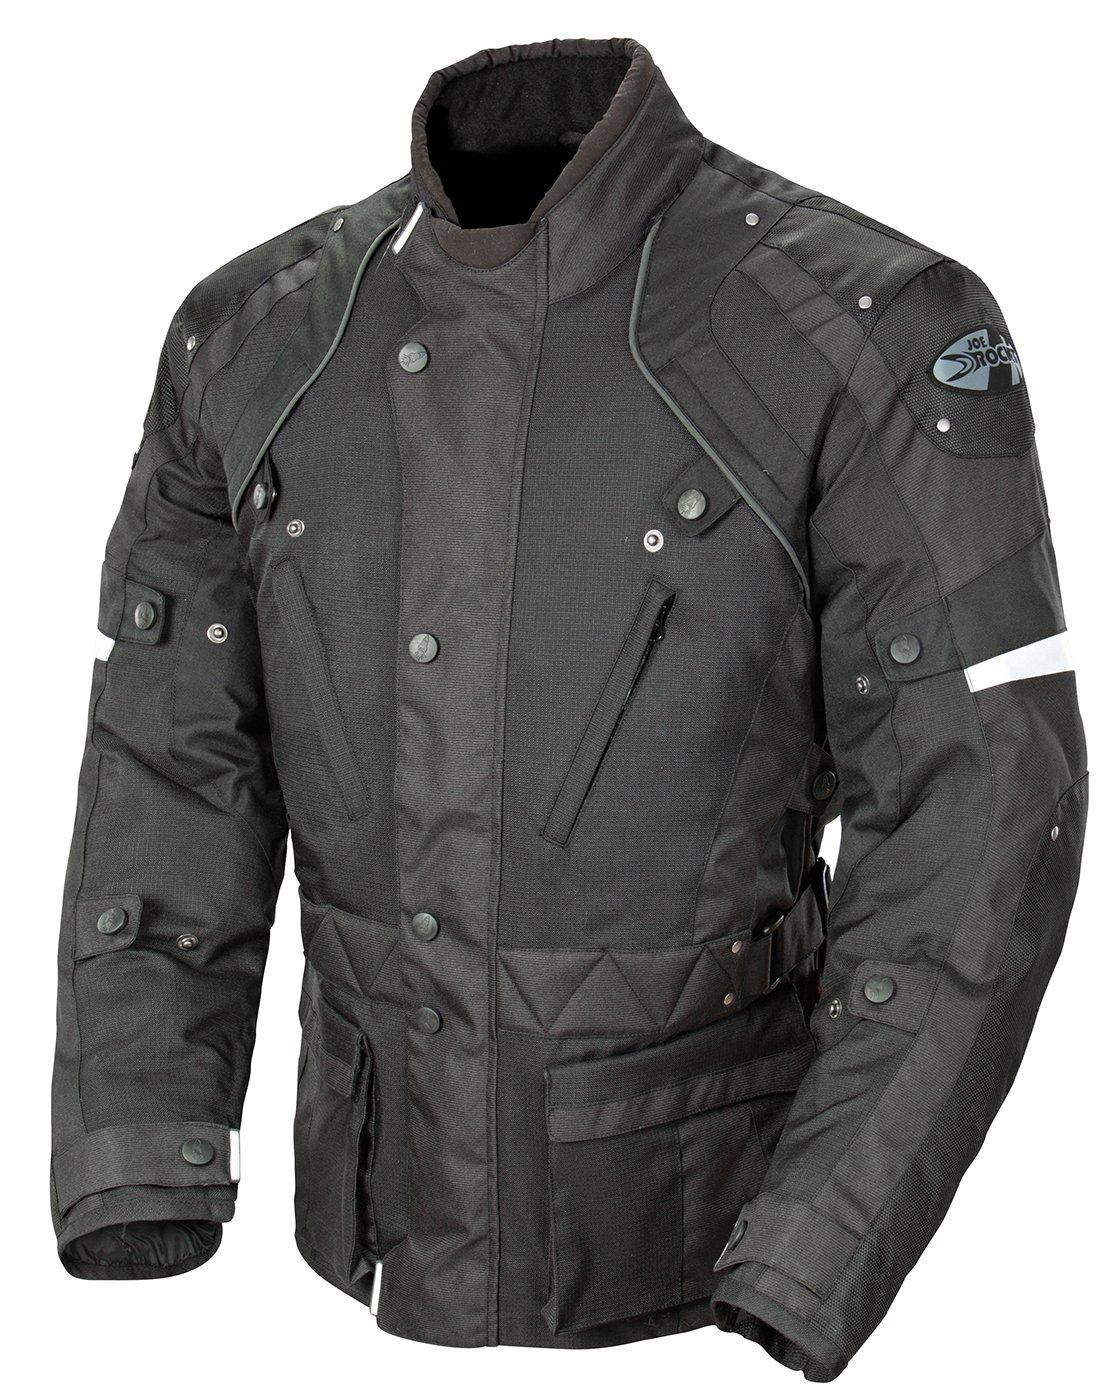 Joe Rocket Ballistic Revolution Men's Textile Motorcycle Riding Jacket